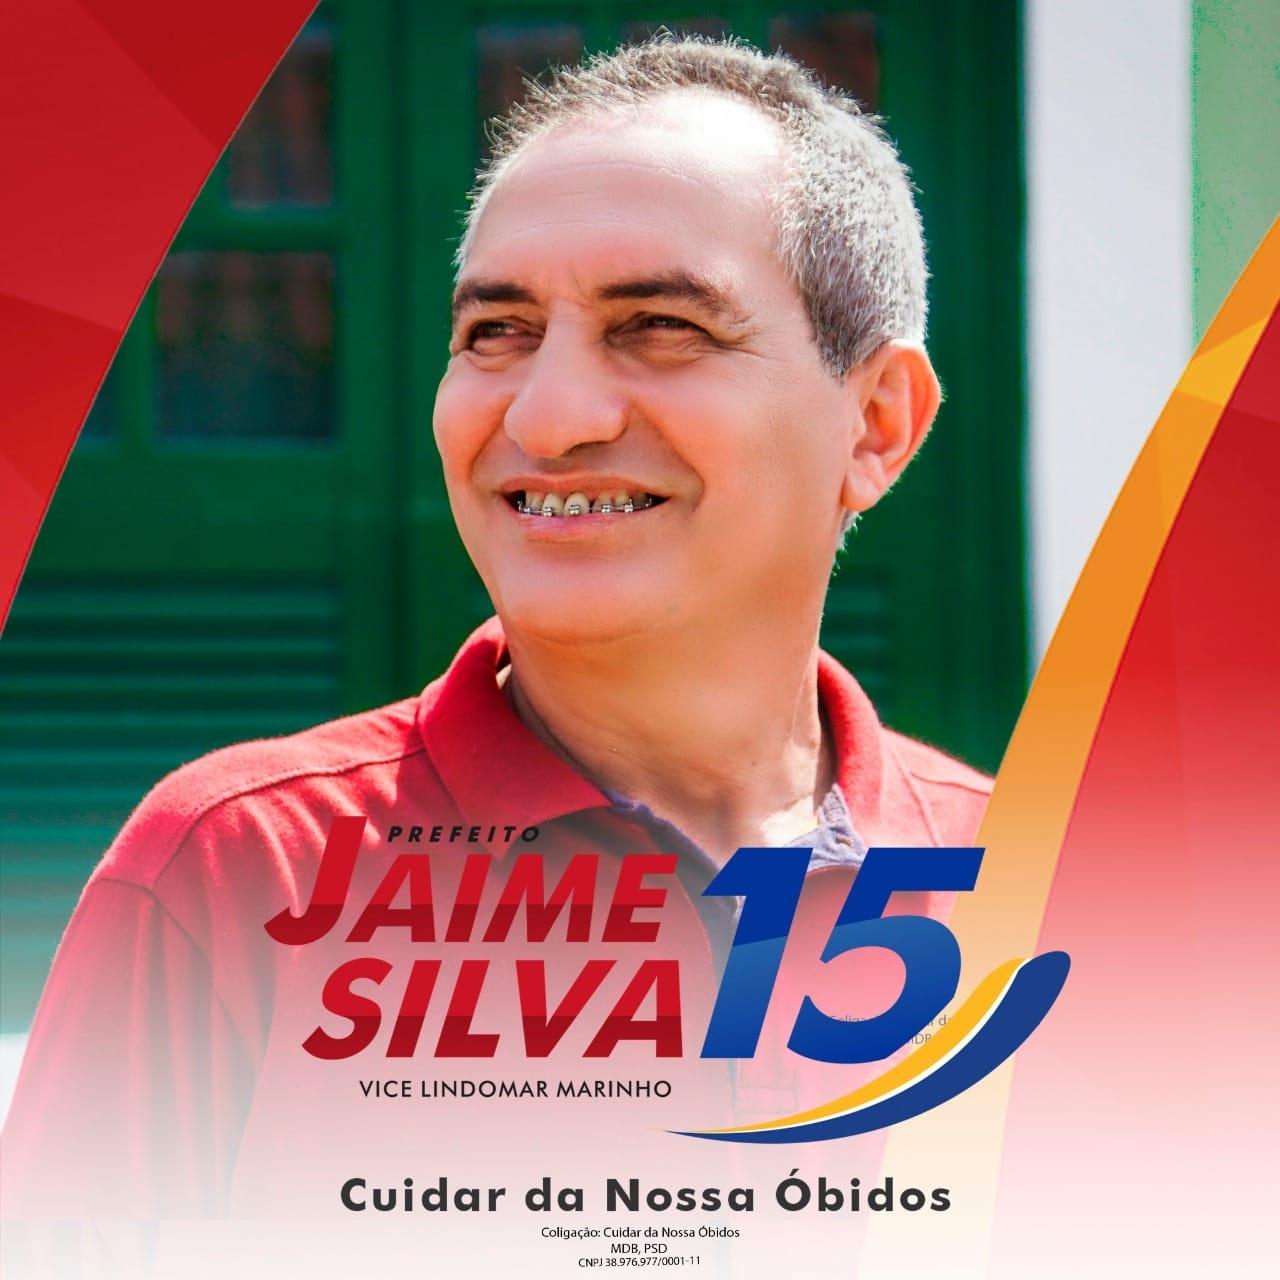 Candidatura de Jaime Silva é objeto de recurso no Tribunal Regional Eleitoral